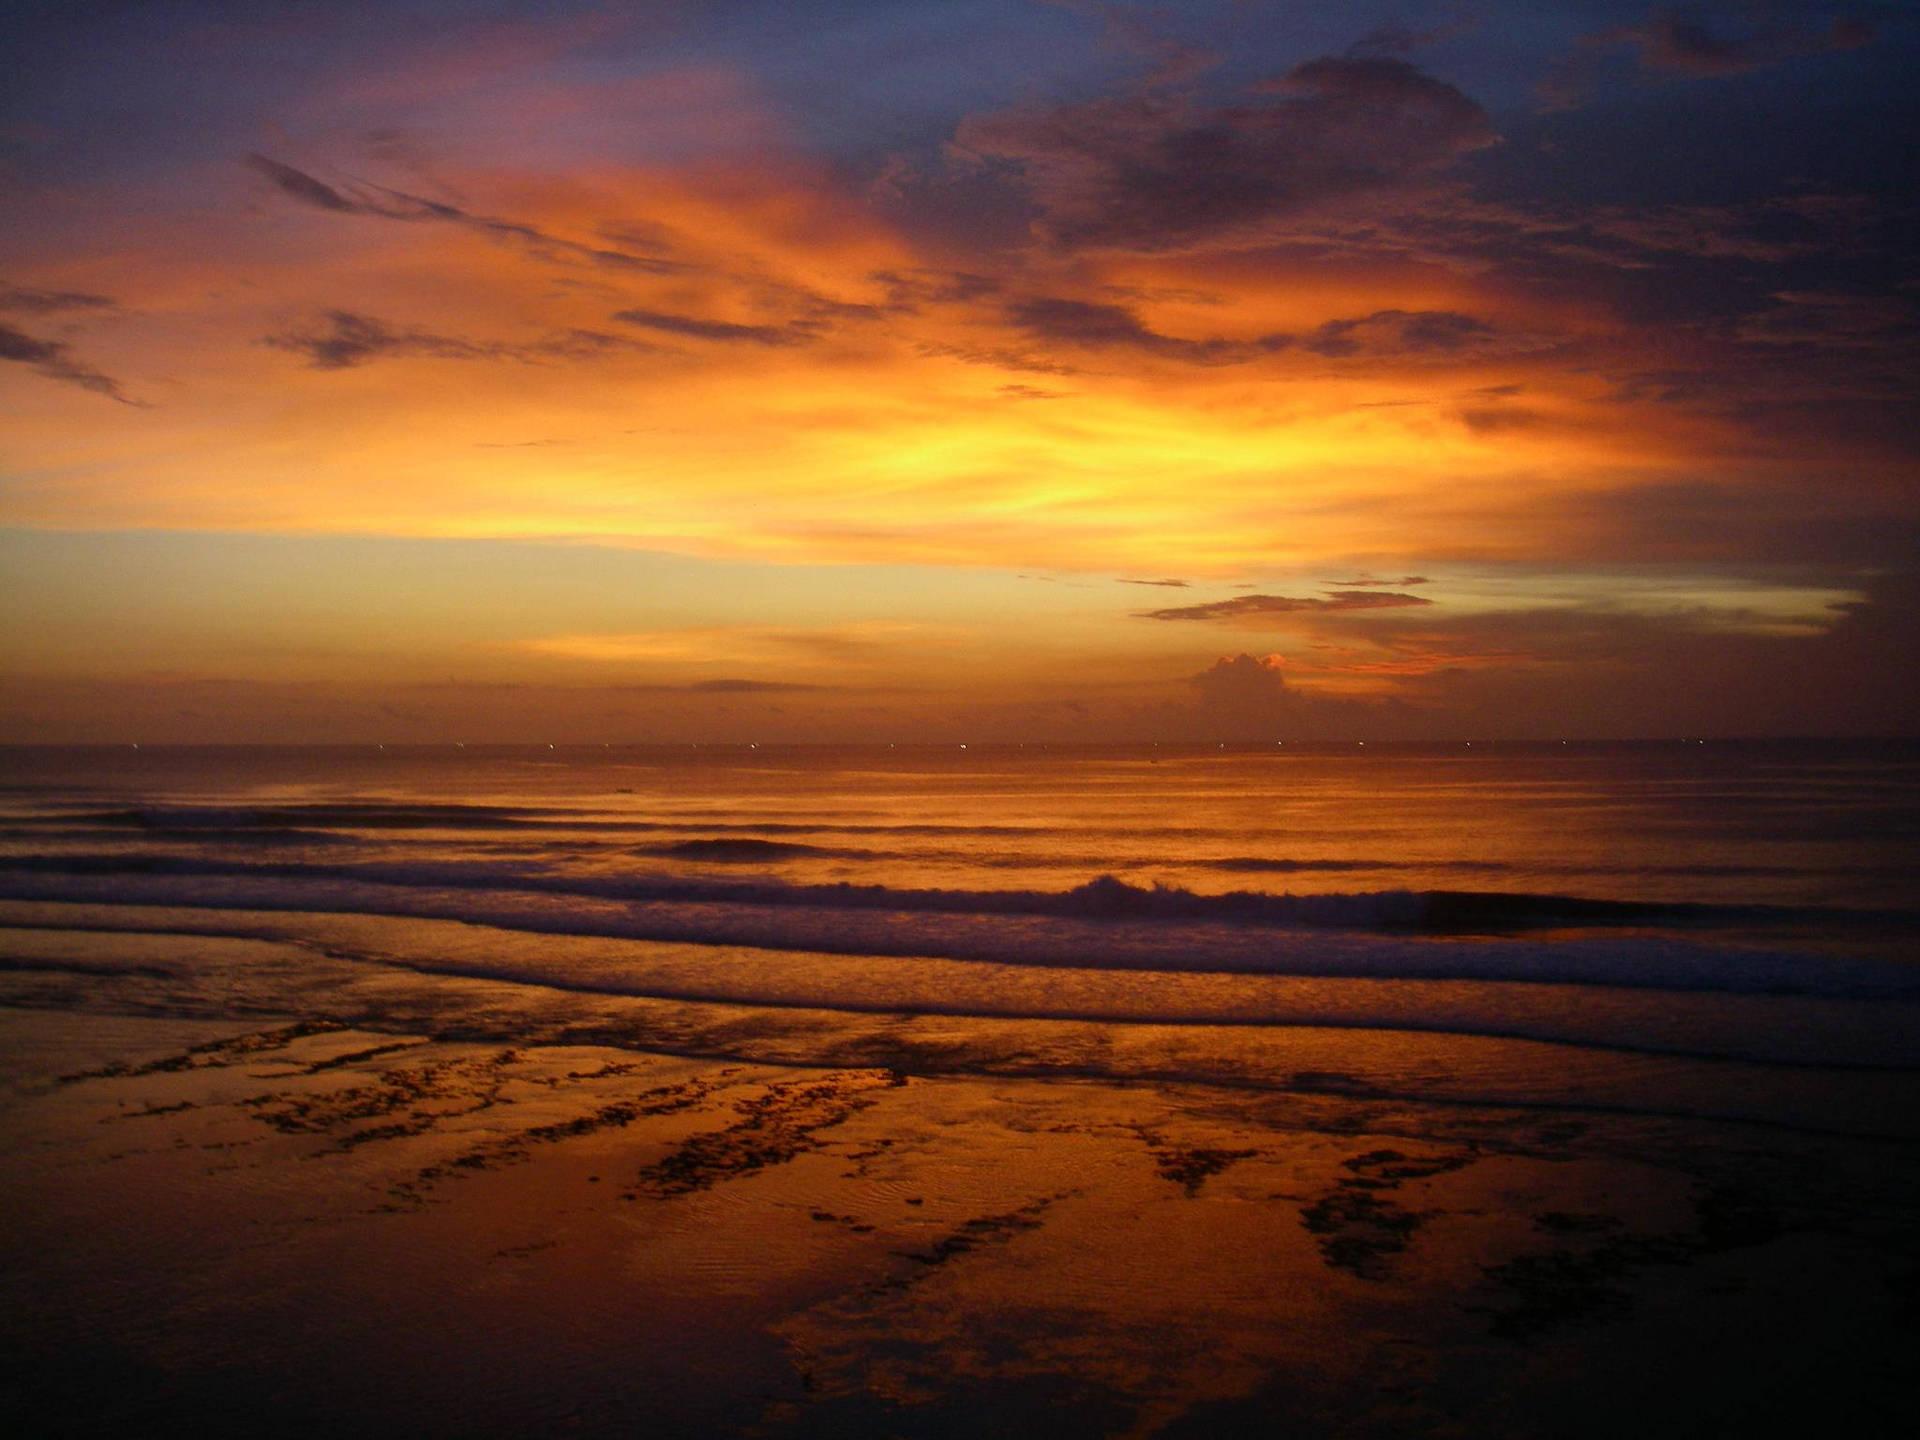 Sonnenuntergang am Strand. Ein unvergesslicher Anblick im Surfurlaub.